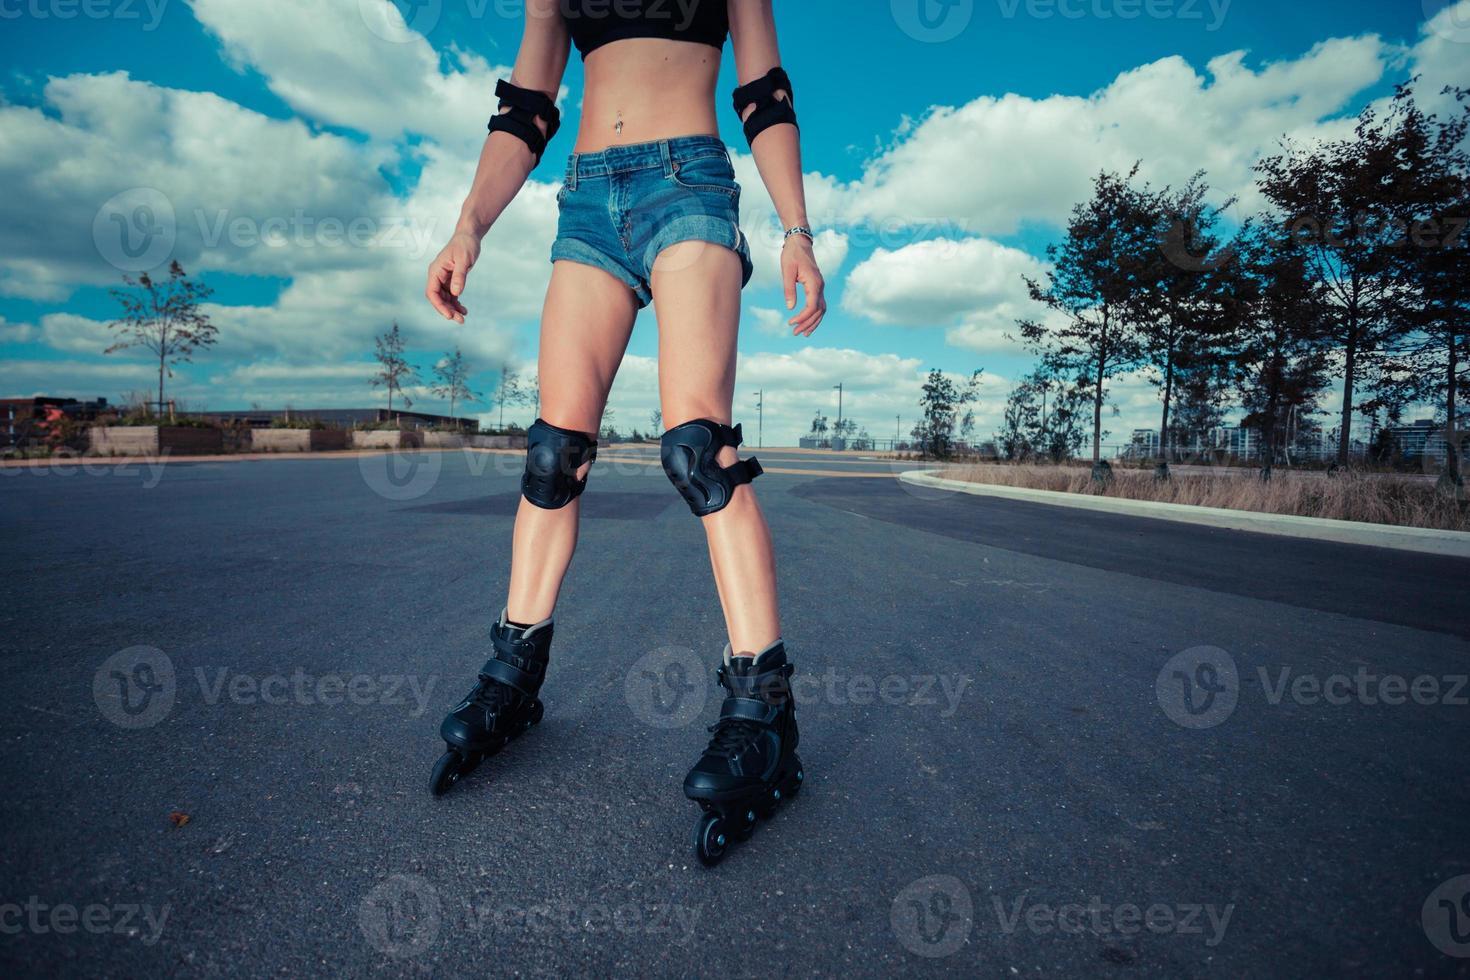 jeune femme en patins à roues alignées aux beaux jours photo